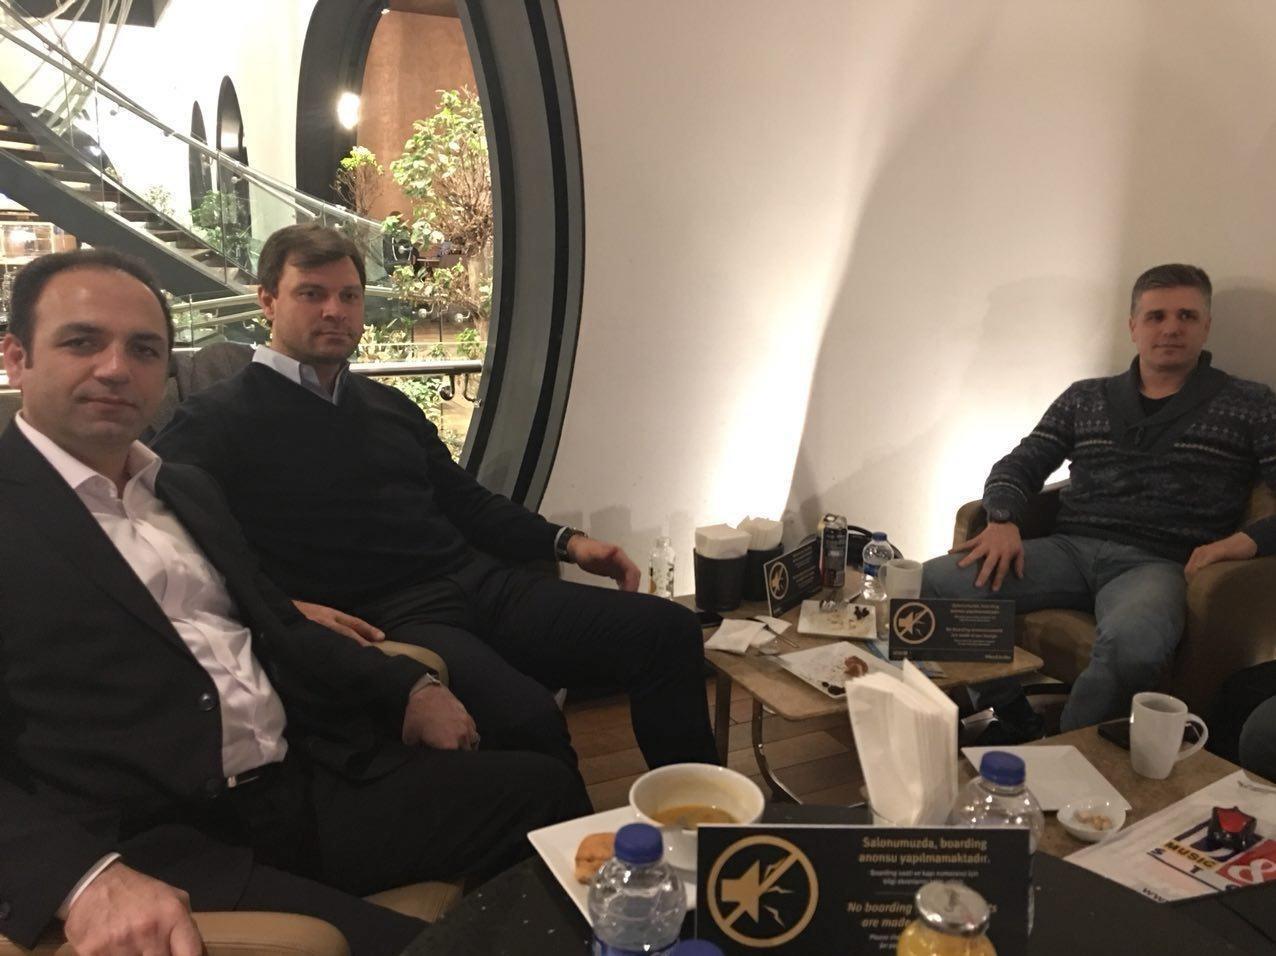 حضور سرمربی جدید تراکتورسازی در فرودگاه استانبول برای سفر به تبریز + تصویر